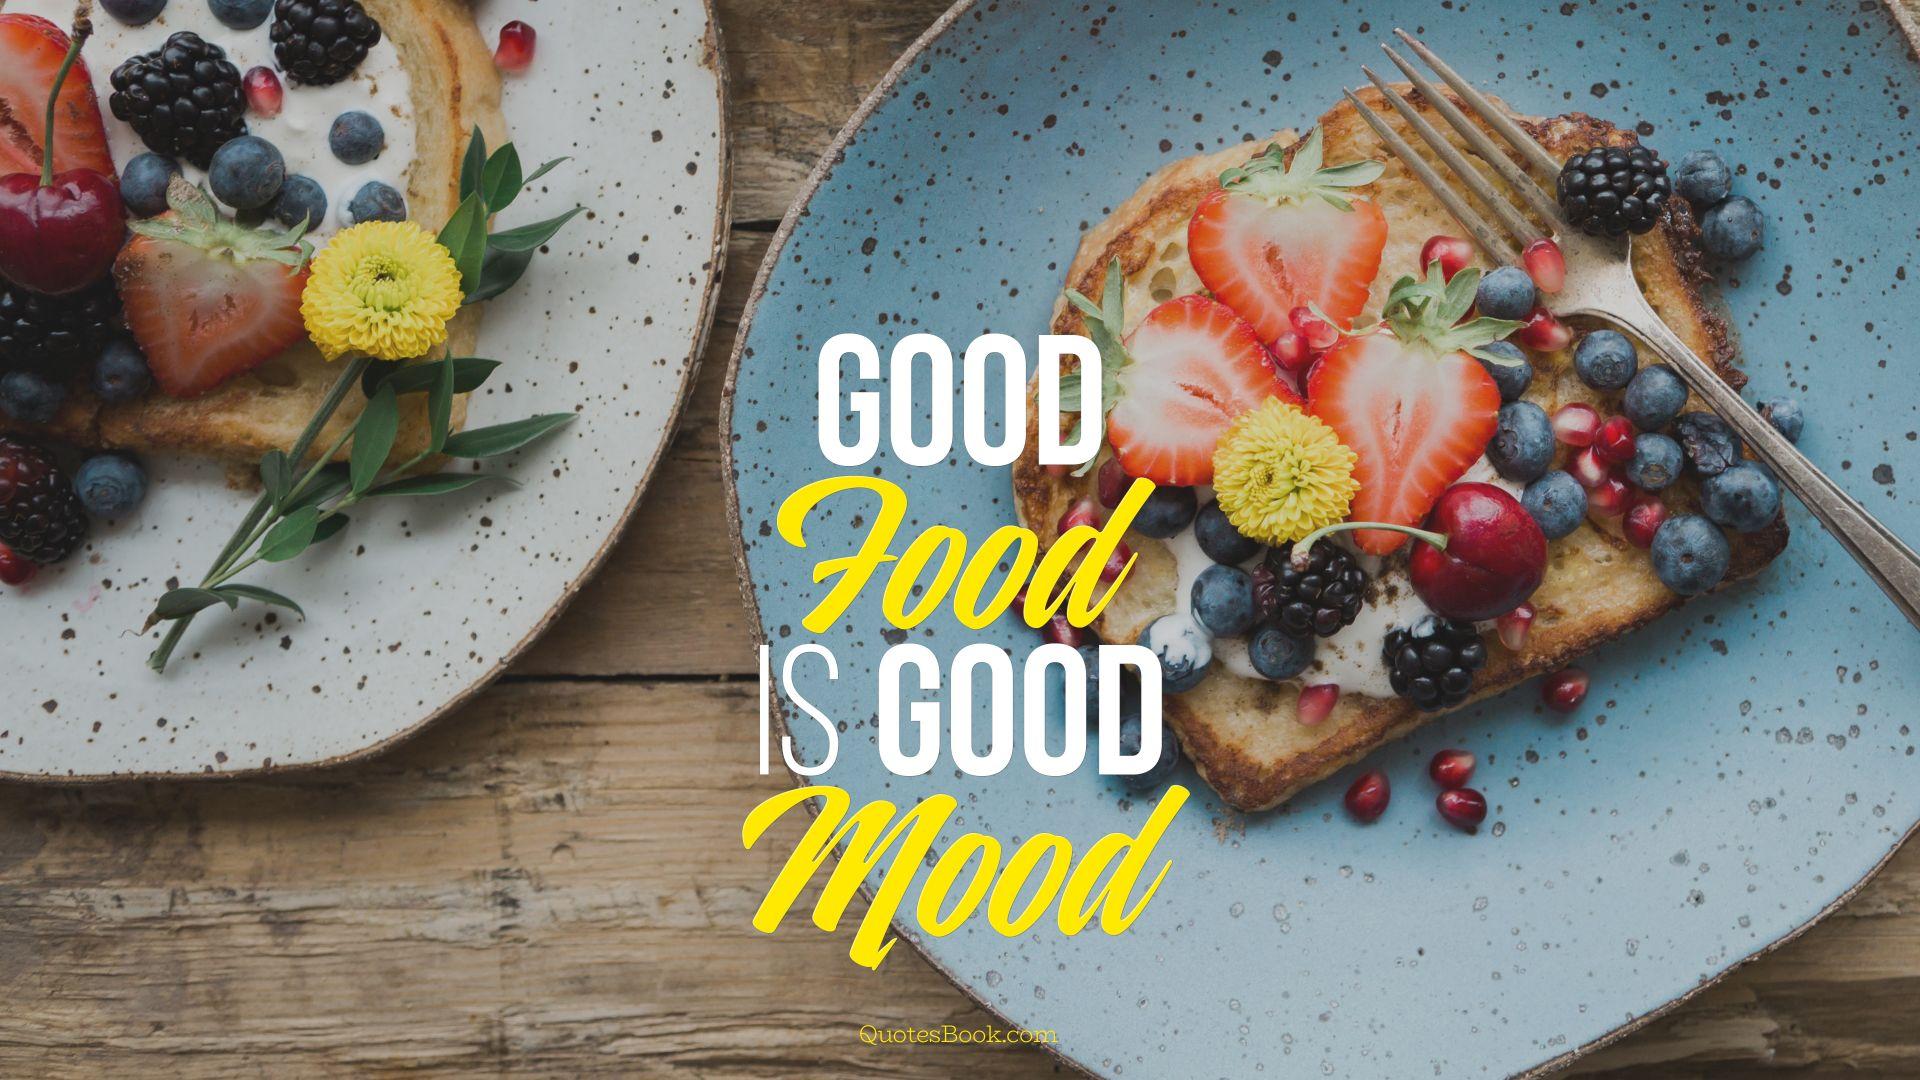 Good food is good mood quotesbook ctrl good food is good mood forumfinder Gallery